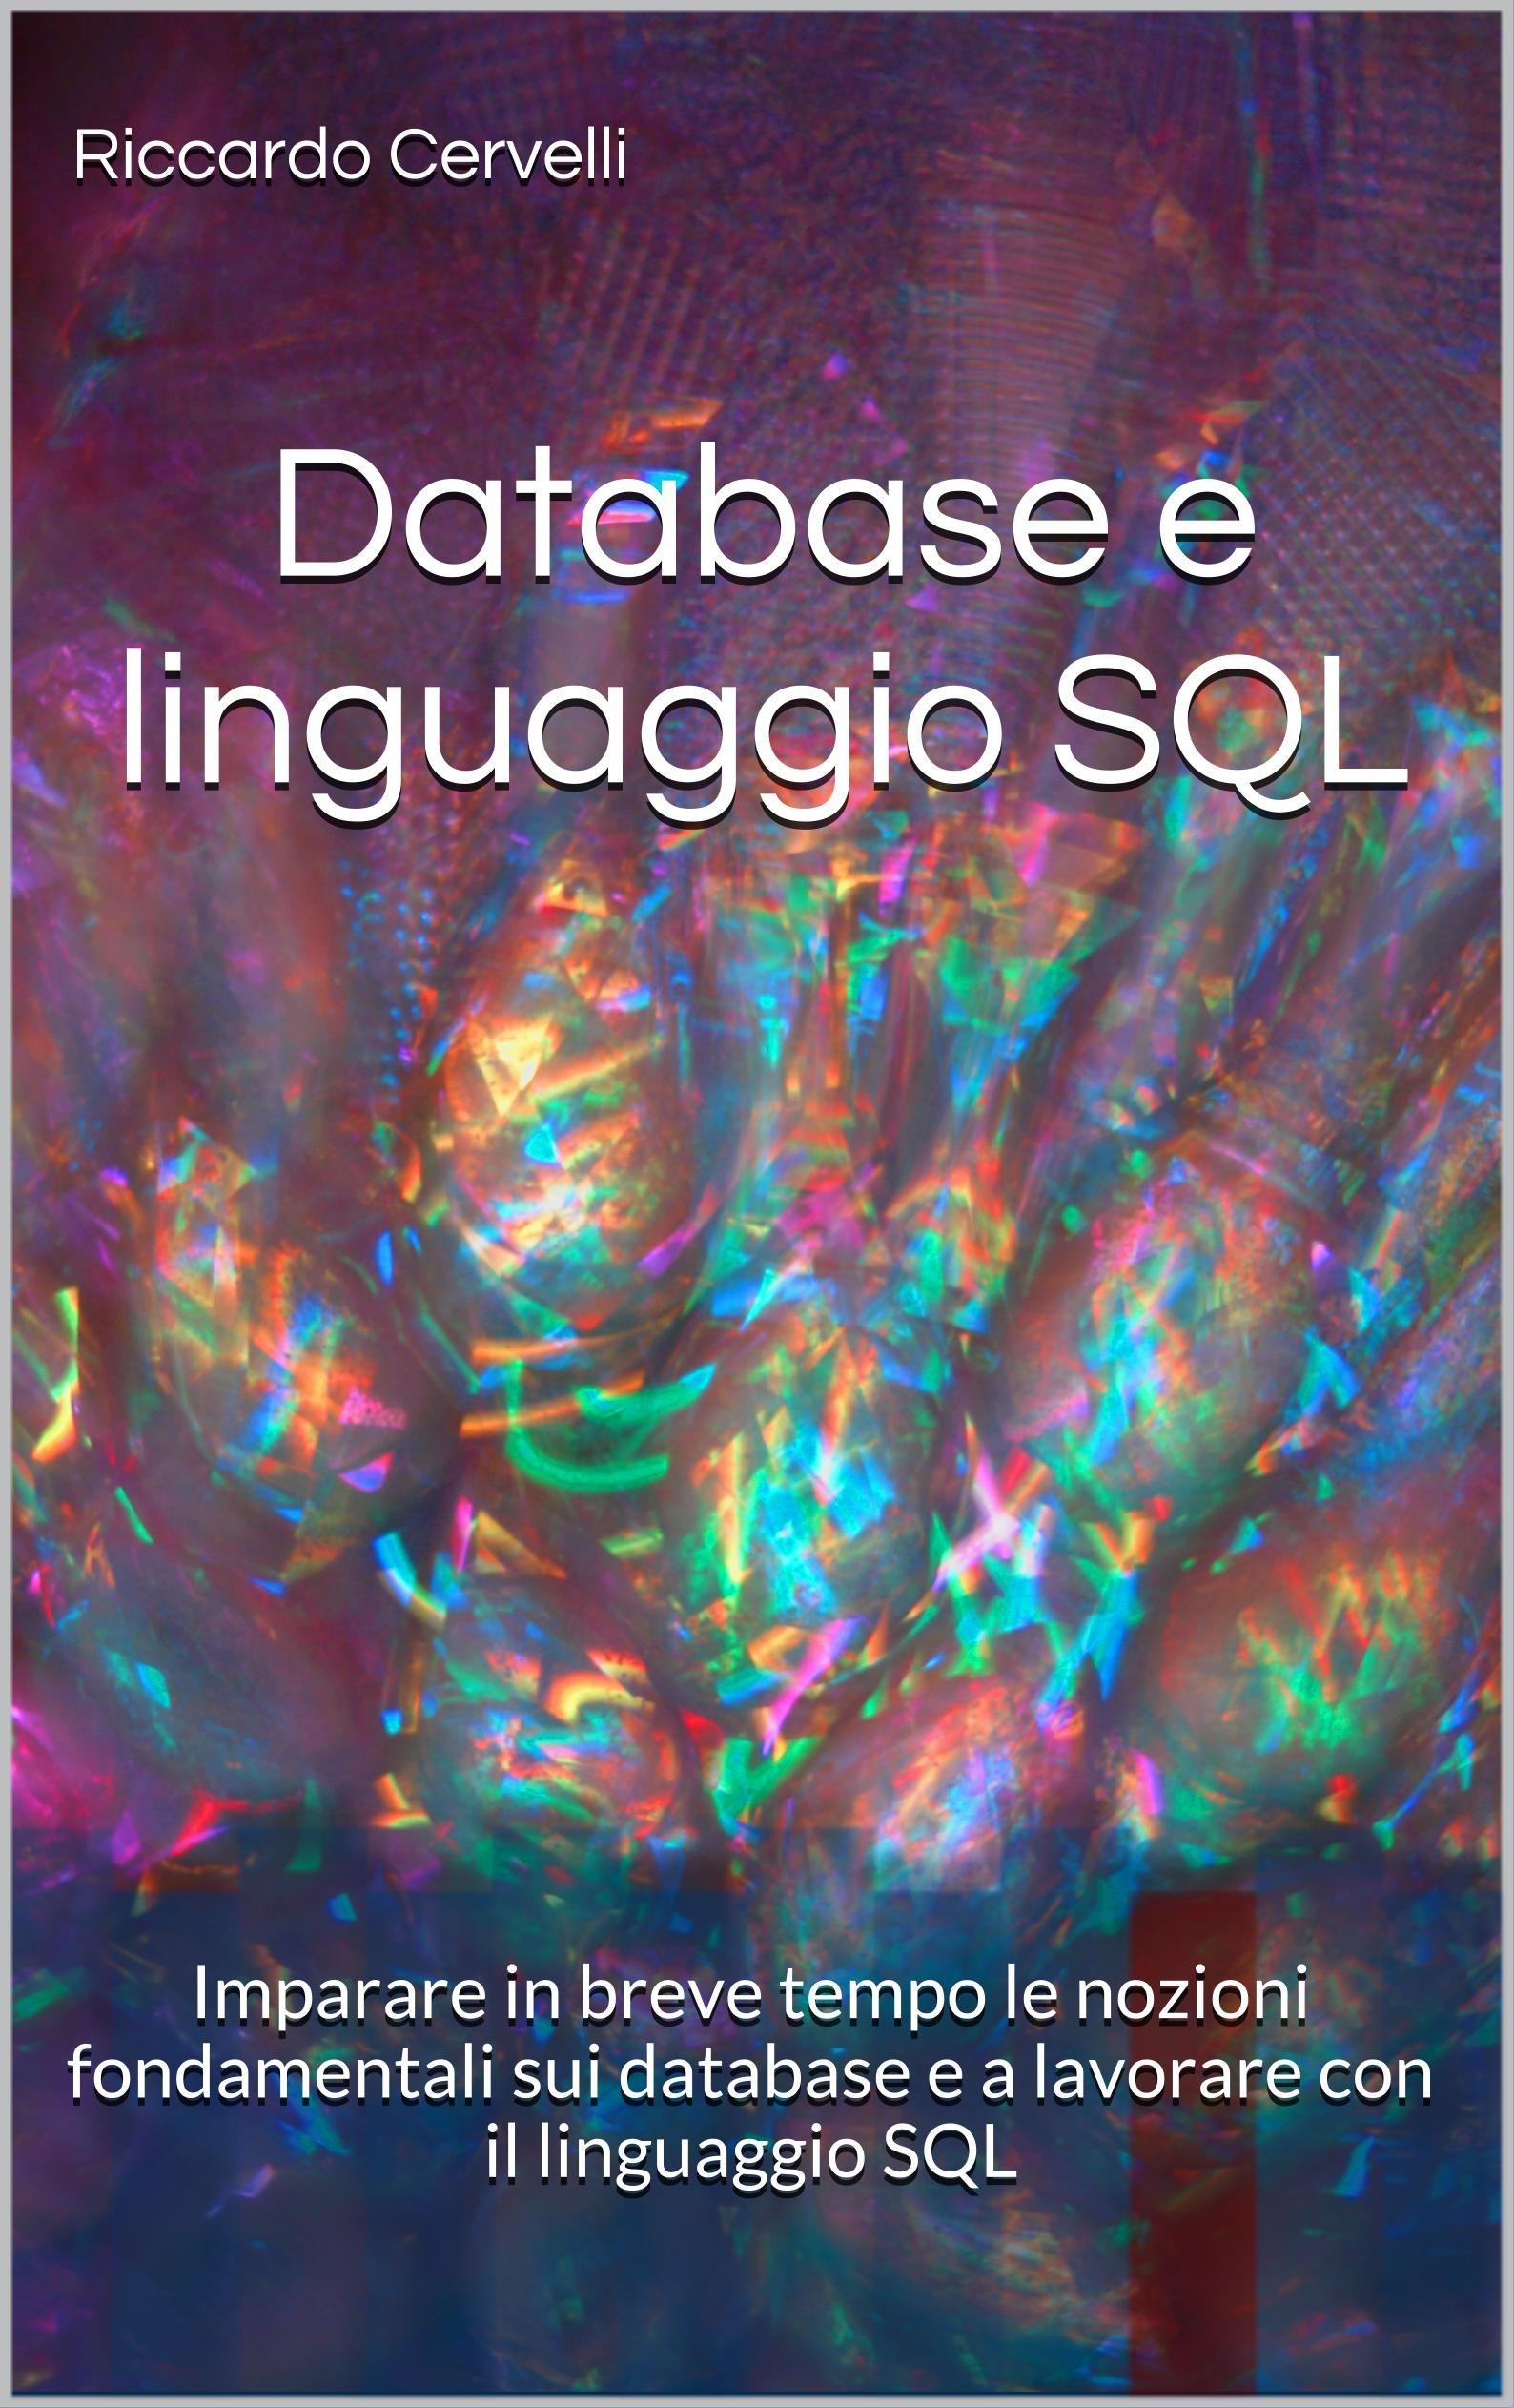 Database e linguaggio SQL: Imparare in breve tempo le nozioni fondamentali sui database e a lavorare con il linguaggio SQL, con riferimento ai sistemi ... PostgreSQL e SQL Server (Italian Edition)